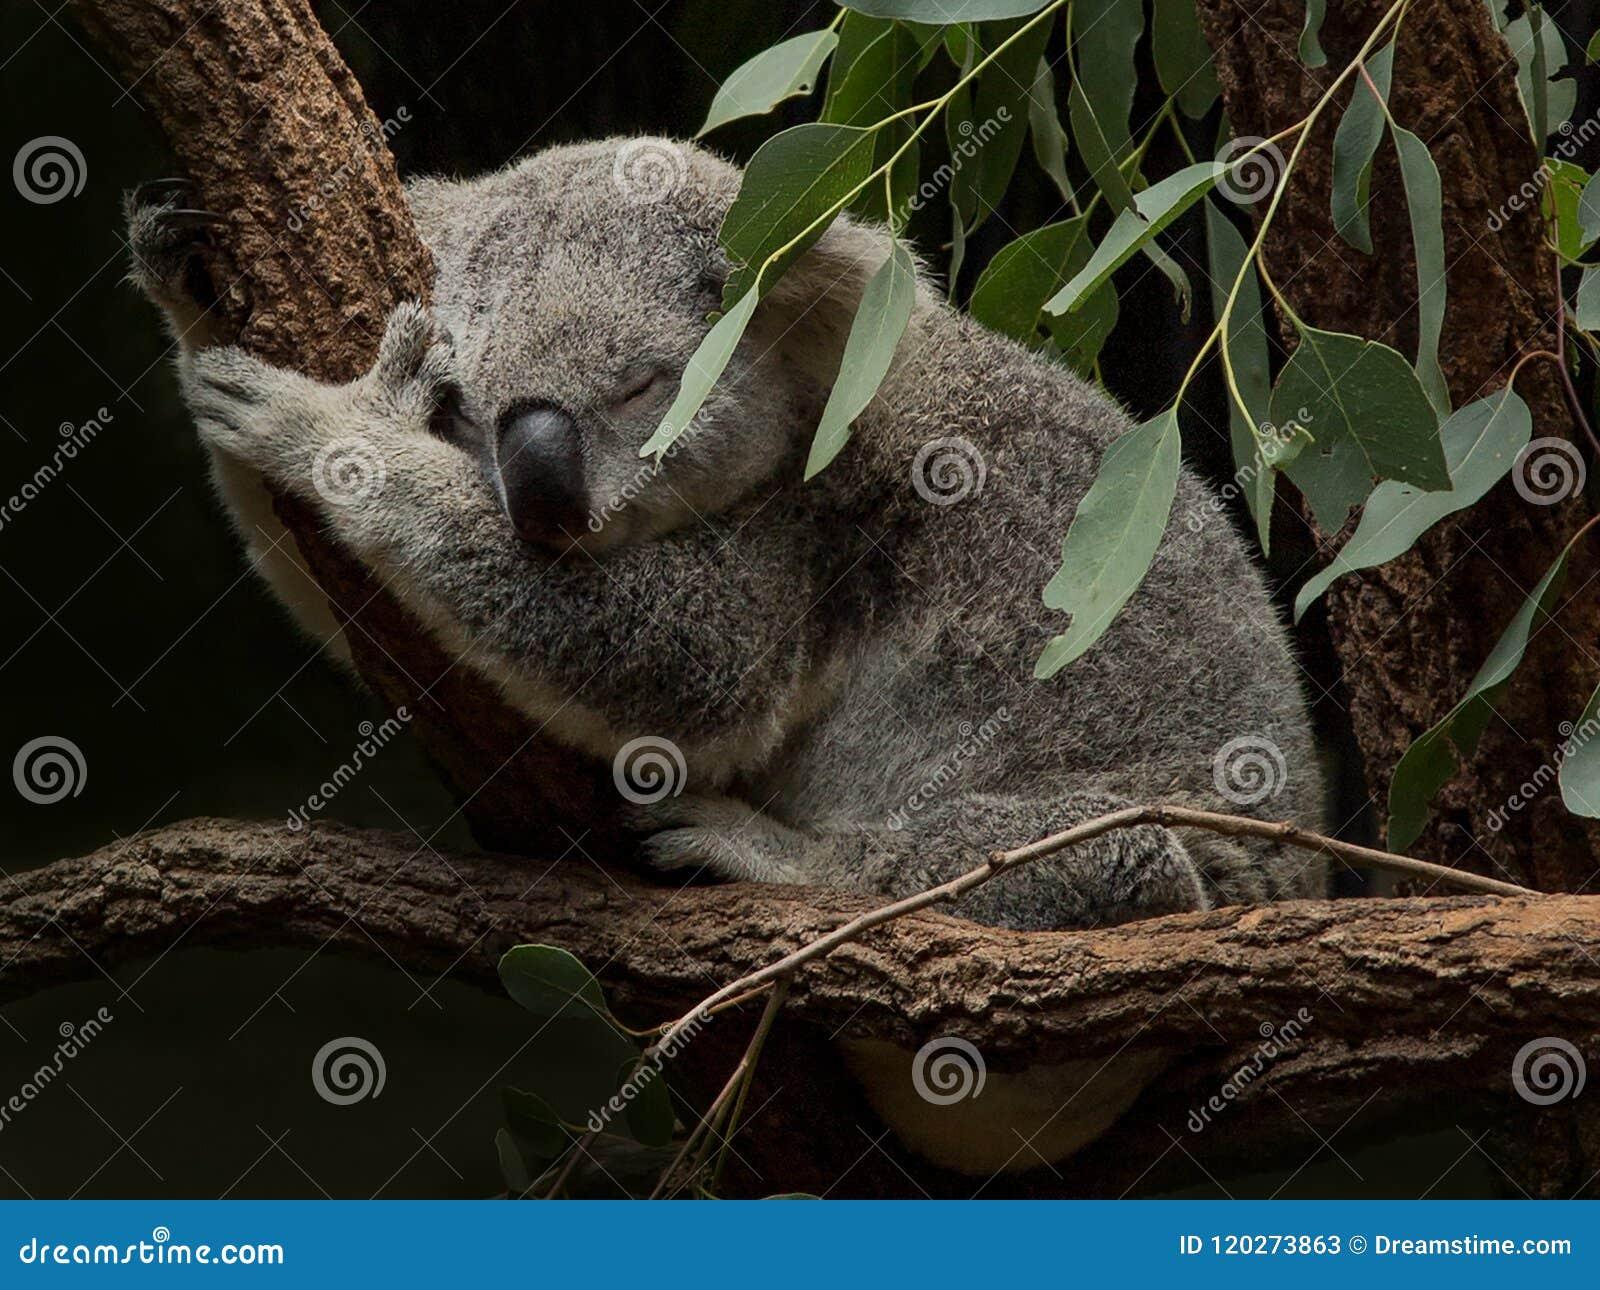 Коала спать среди листьев камеди